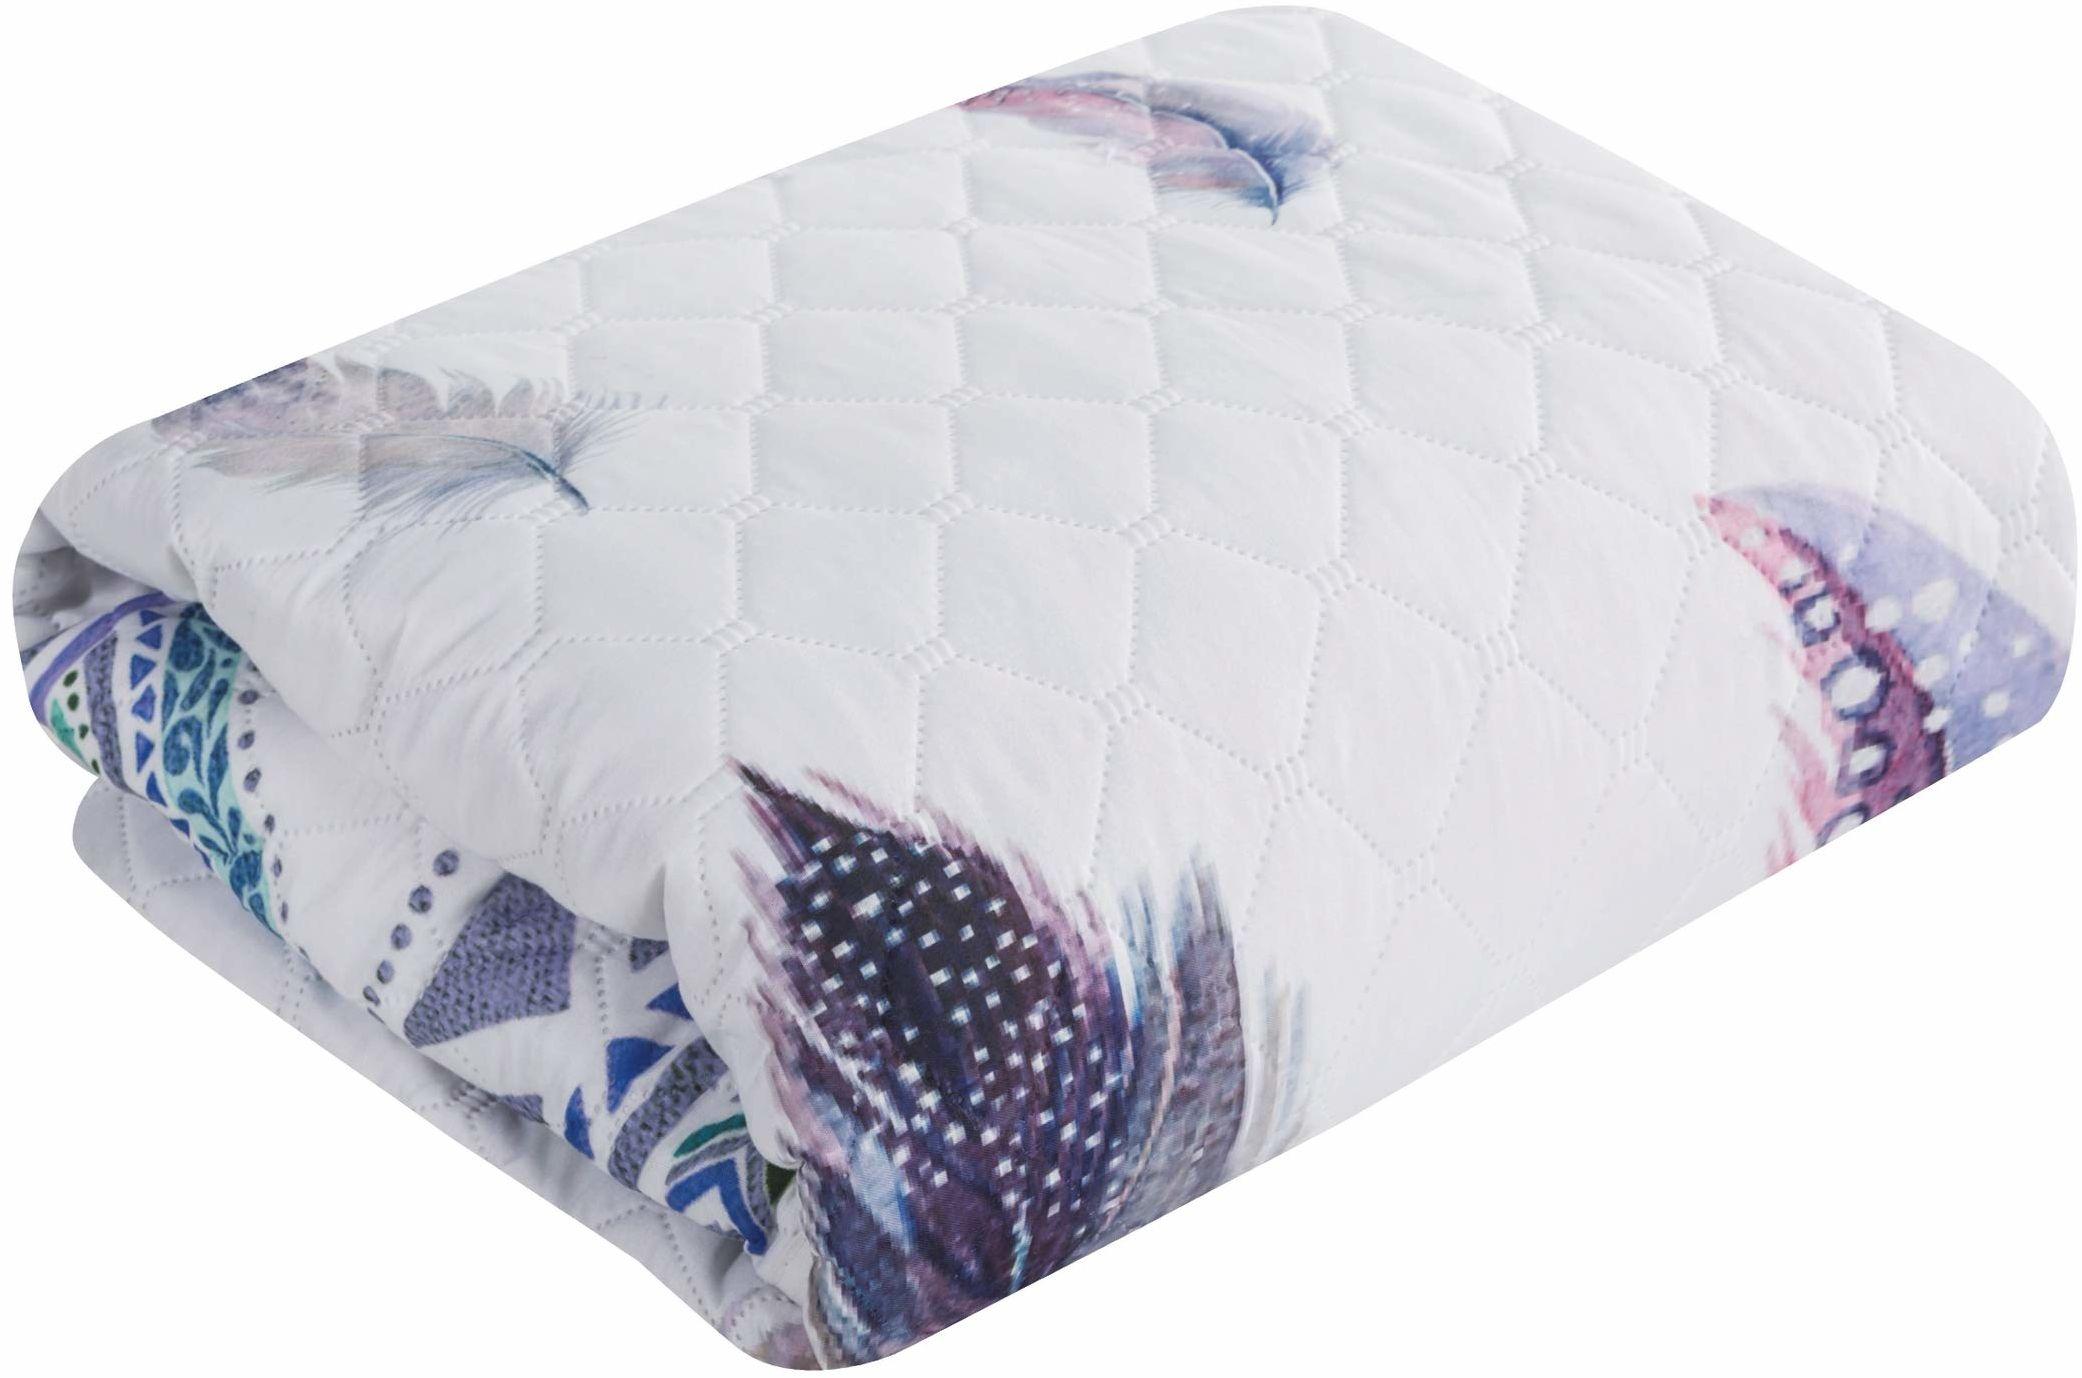 Design91 narzuta na łóżko, biała, kolorowa, pióra, miękka, pikowana, do sypialni, salonu, pokoju dziecięcego, kolor srebrny, 170 x 210 cm